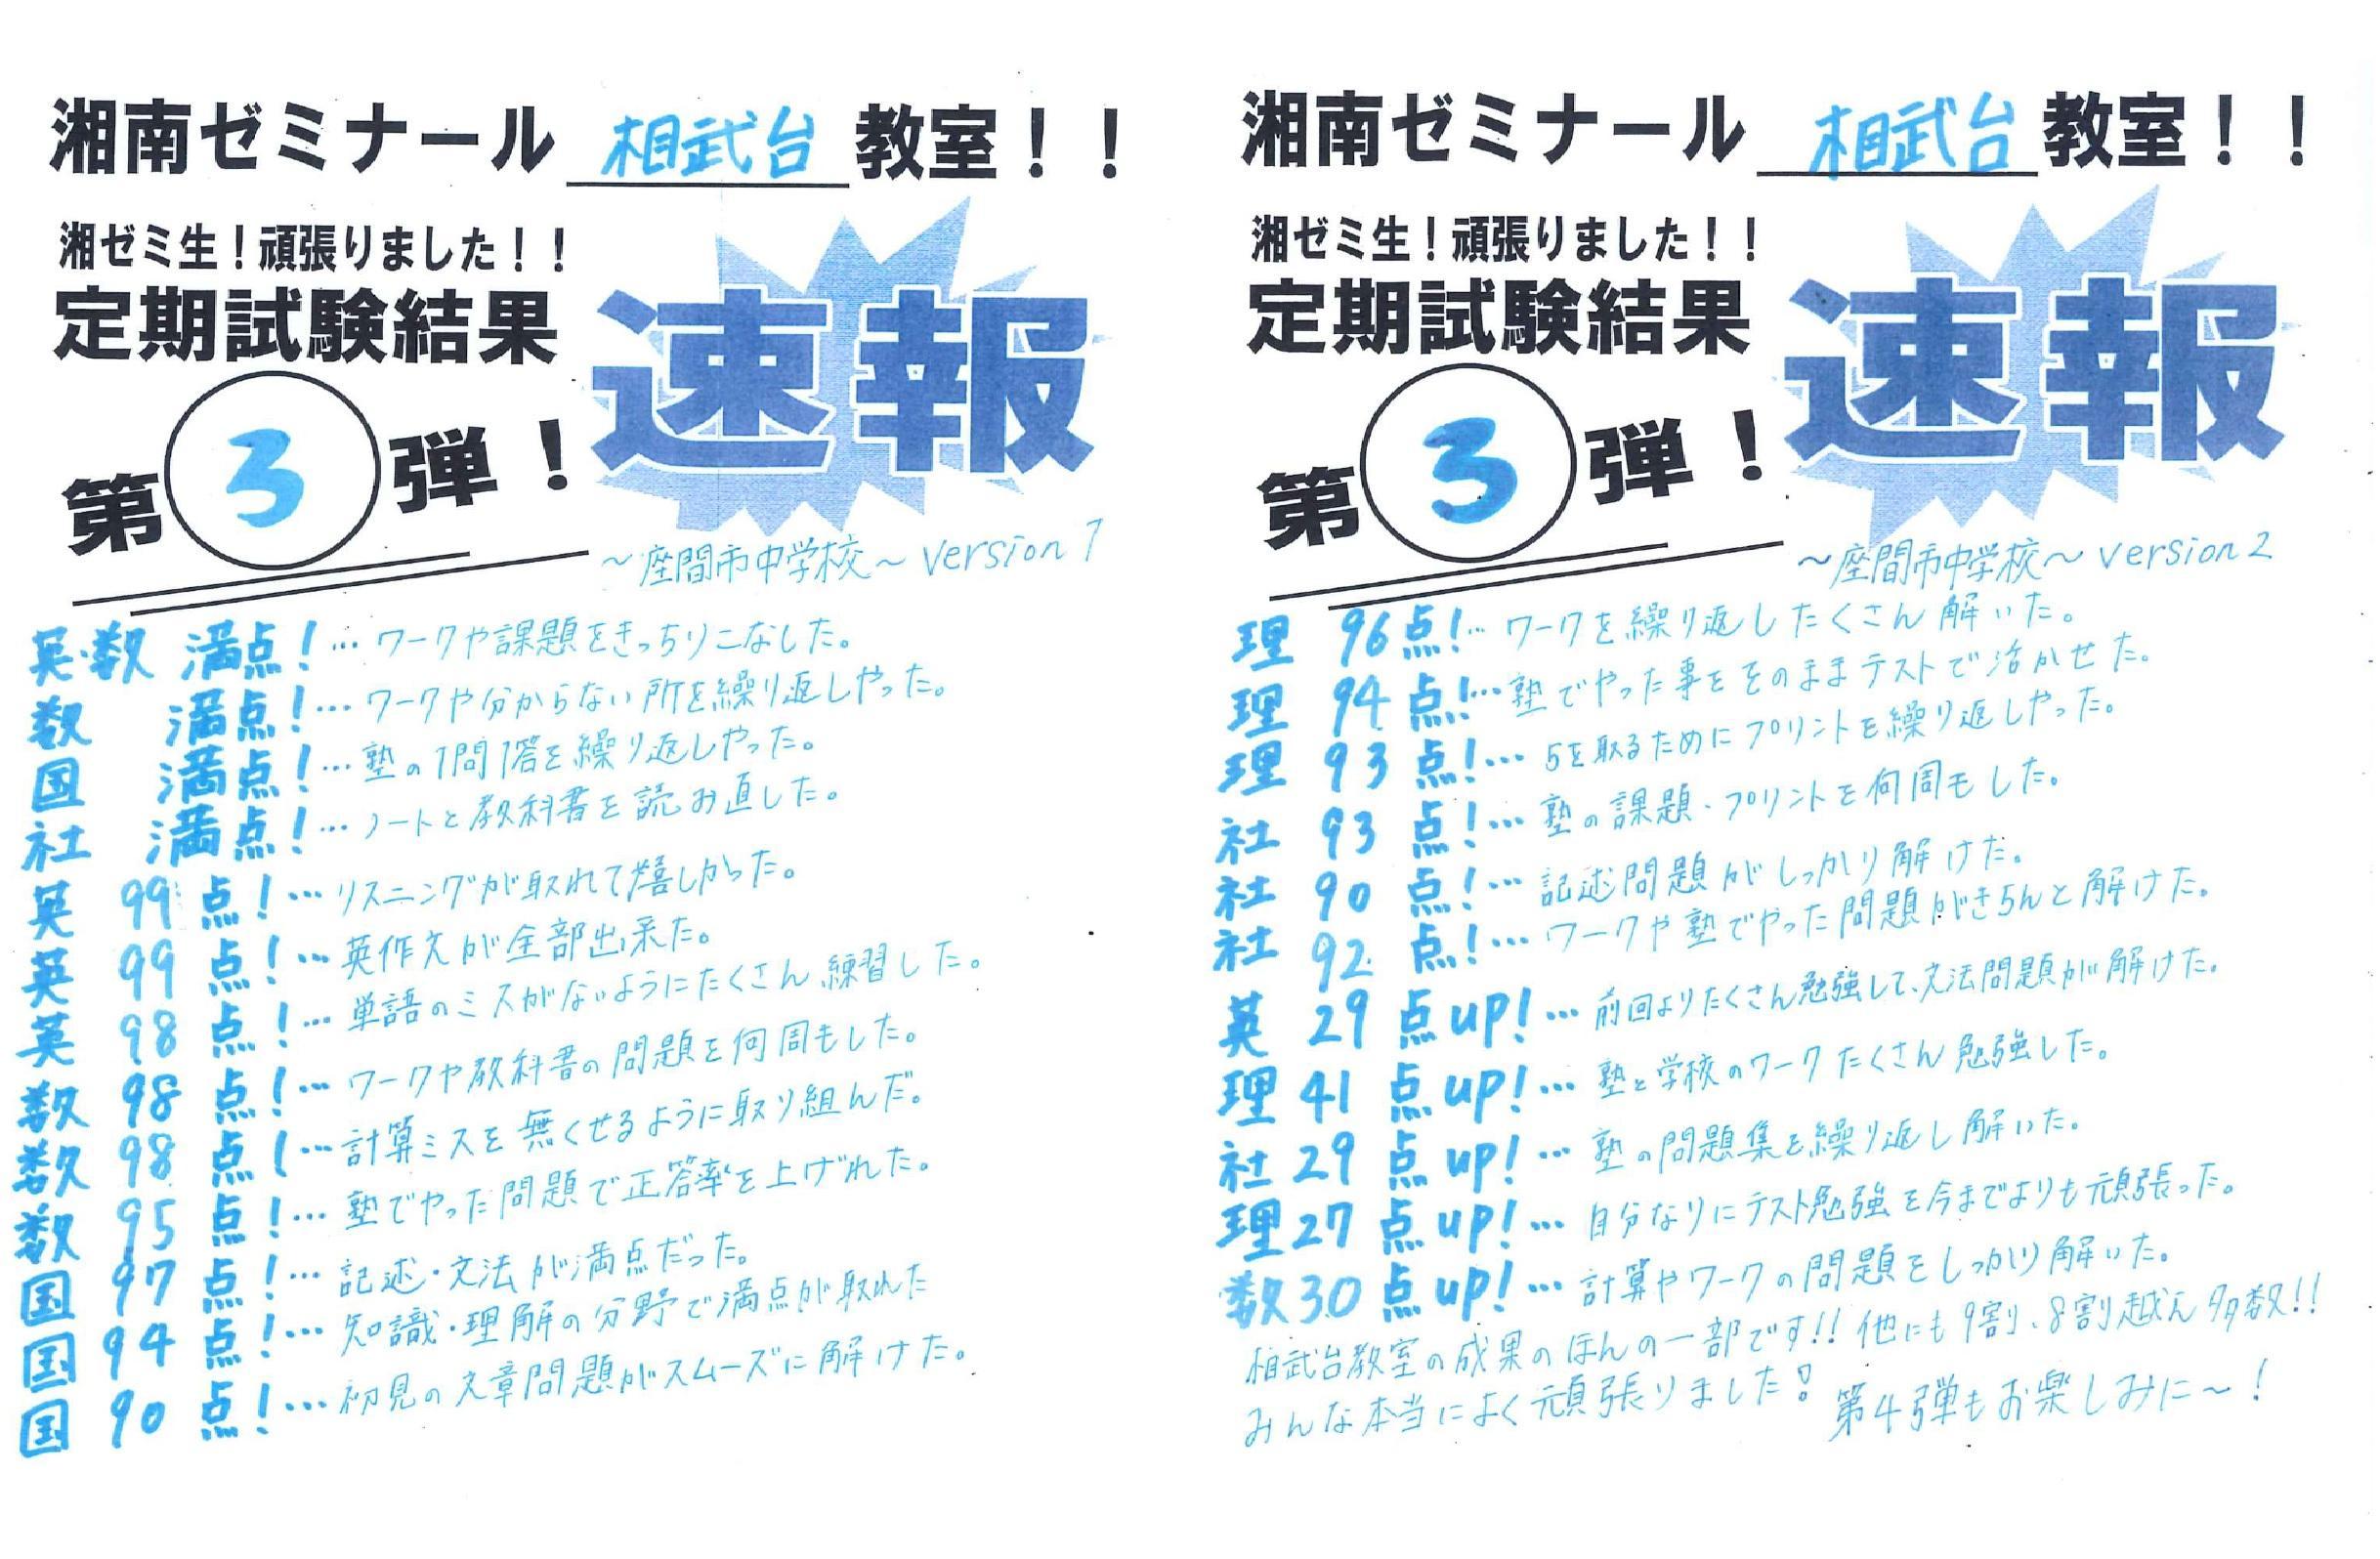 2021 1学期期末定期テスト結果【湘ゼミ相武台】0701.jpg